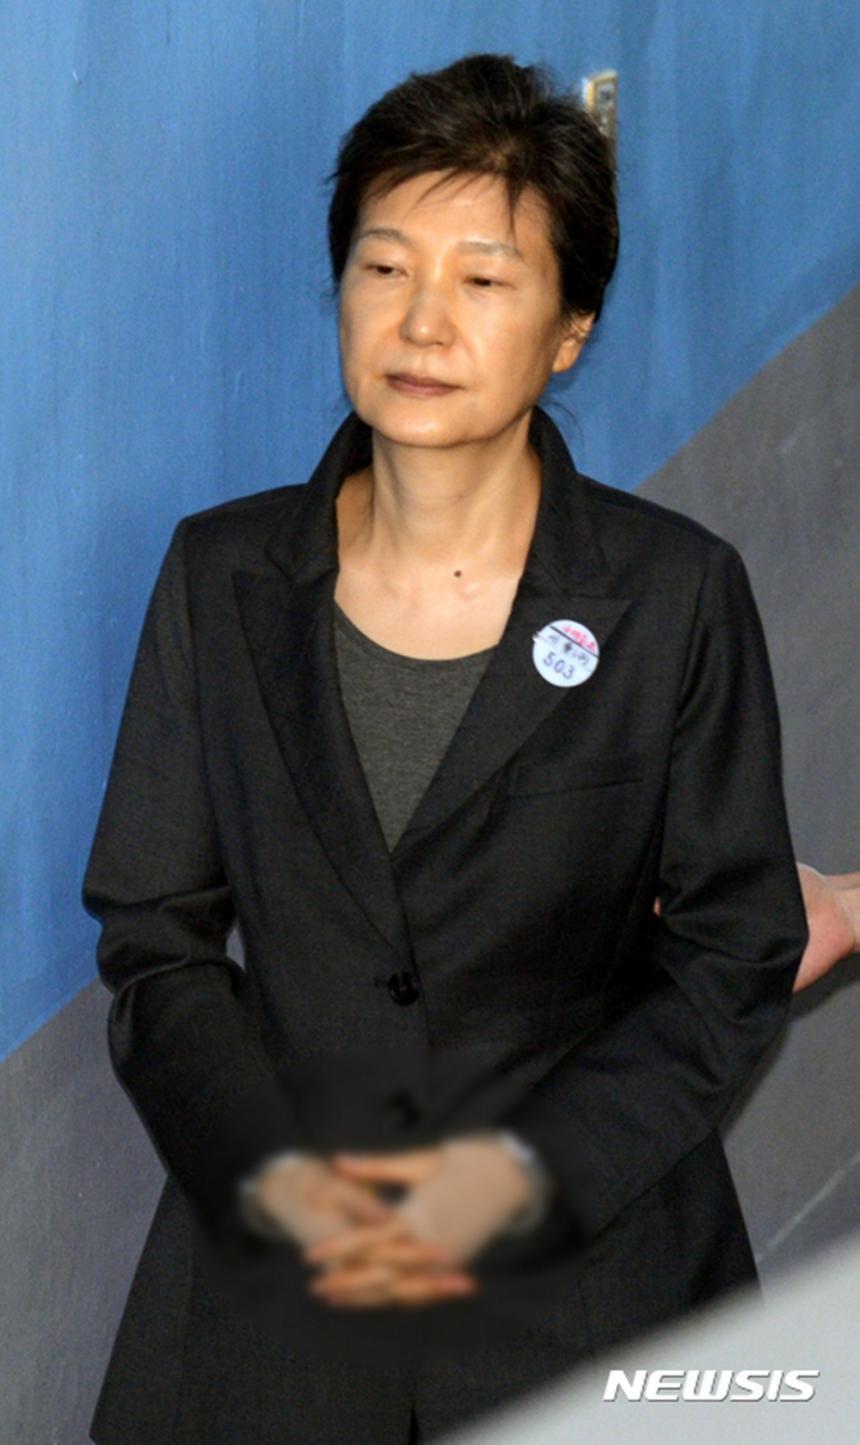 박근혜 / 사진제공 뉴시스